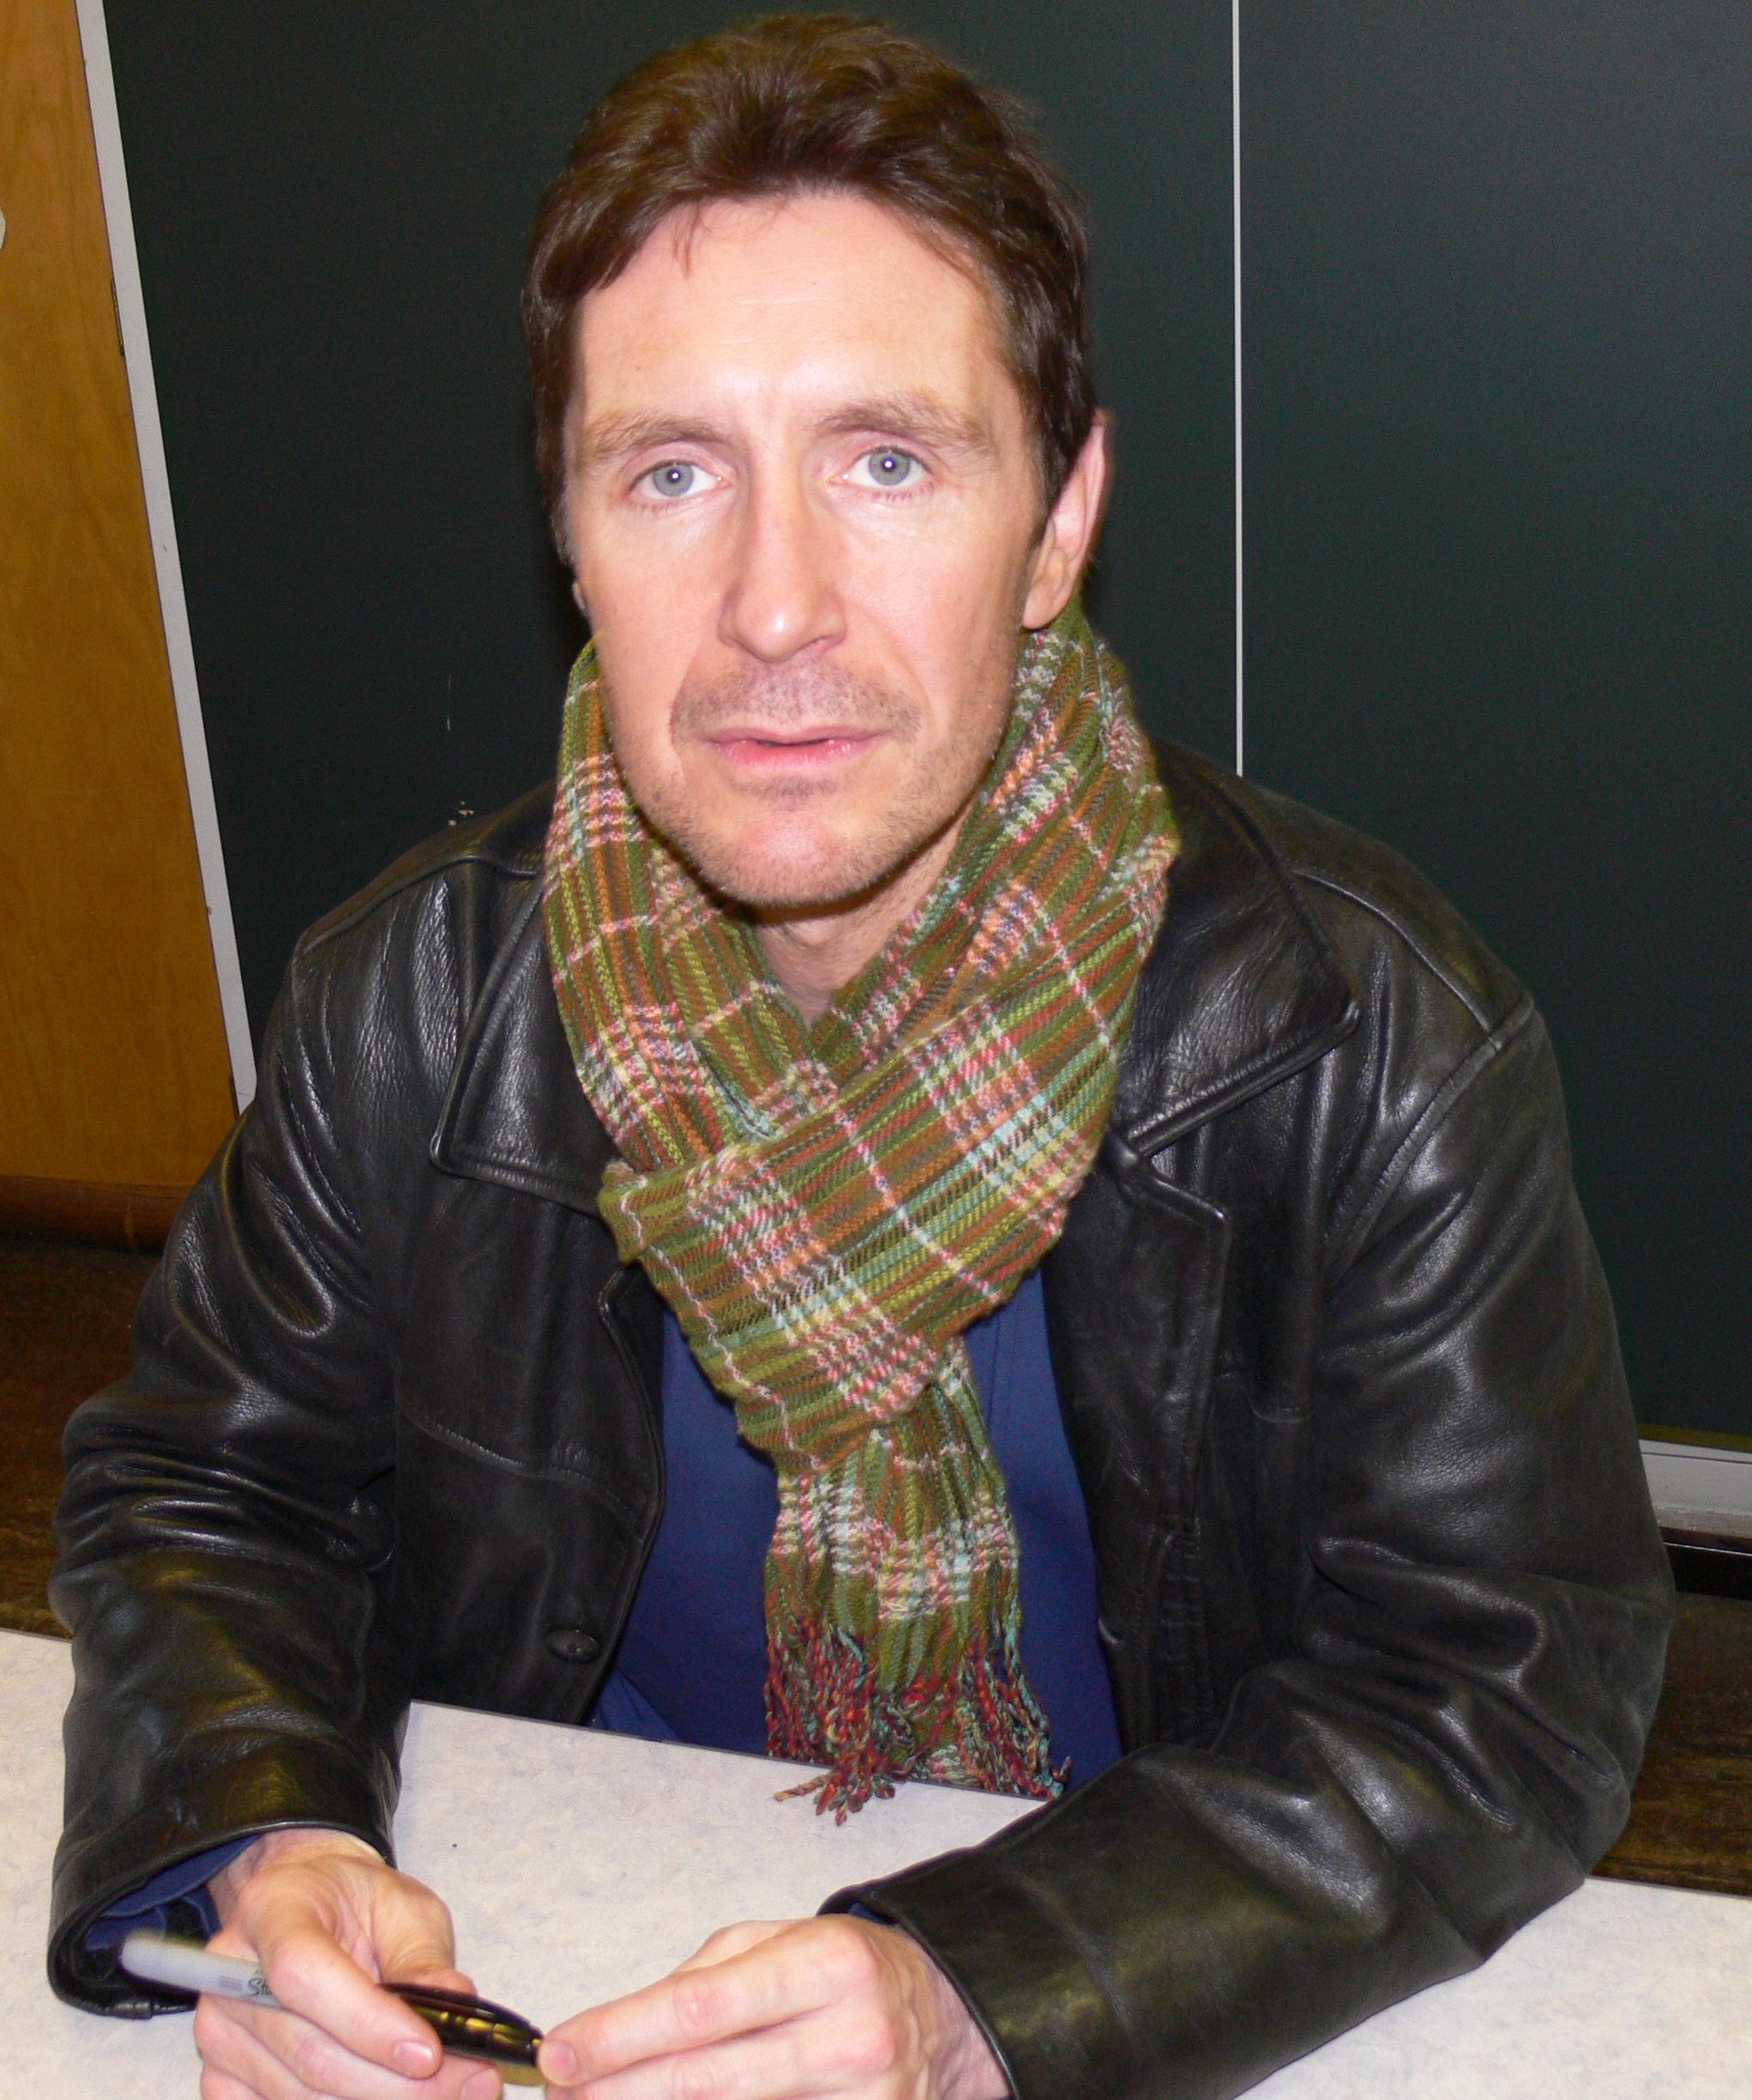 Paul McGann (born 1959)